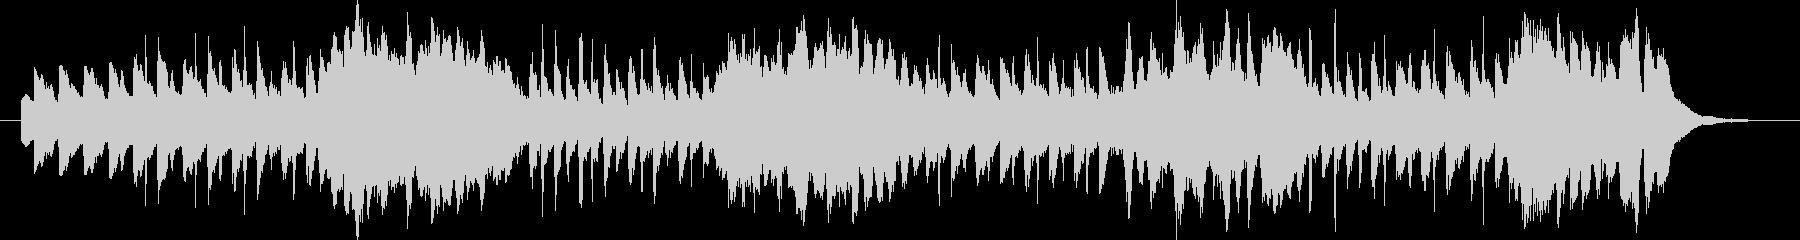 リコーダーと鍵盤ハーモニカの追い掛けっこの未再生の波形